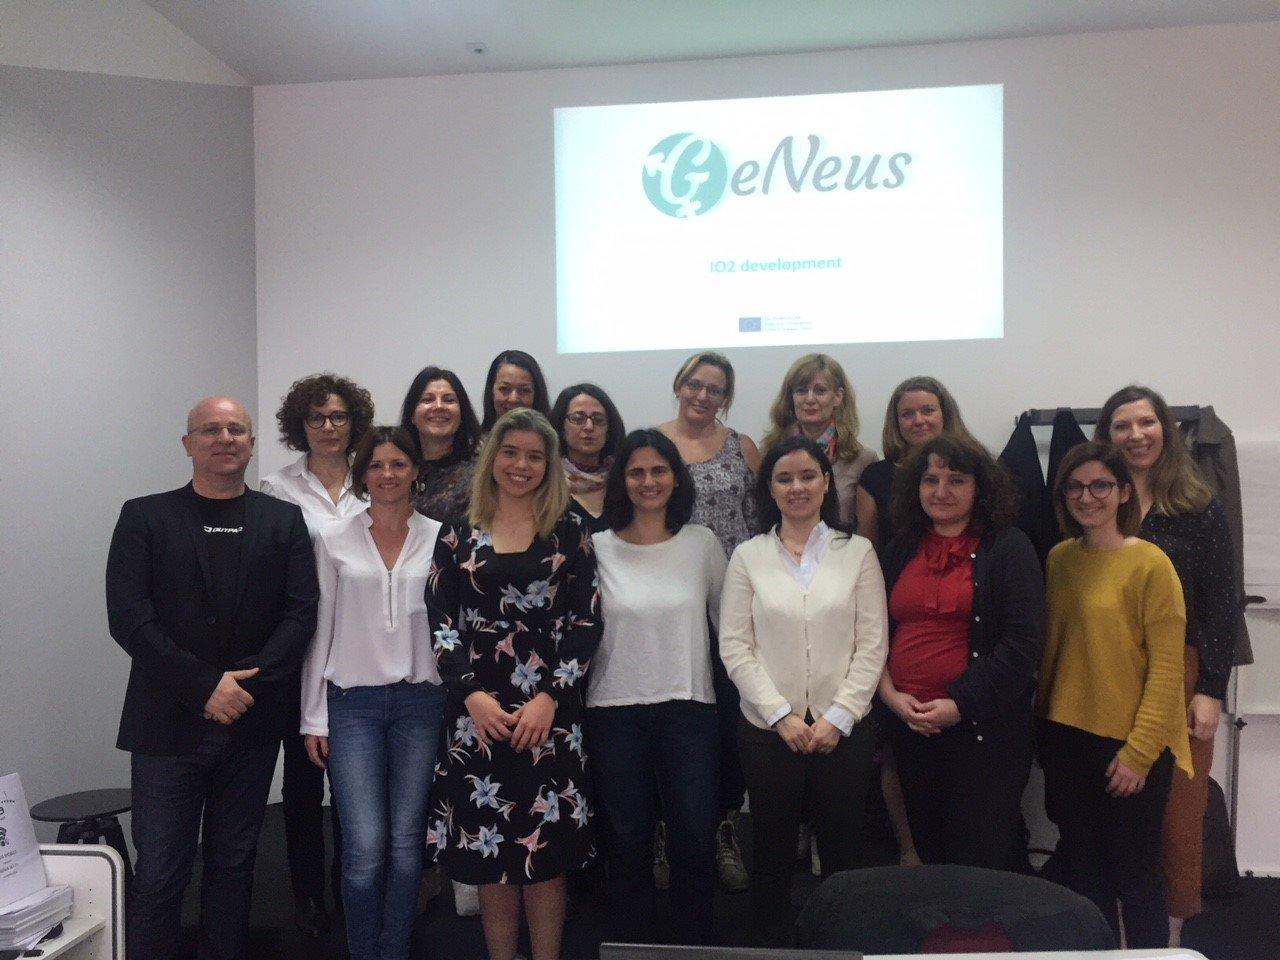 GENEUS: Promuovere le pari opportunità nell'ingresso nel mondo del lavoro